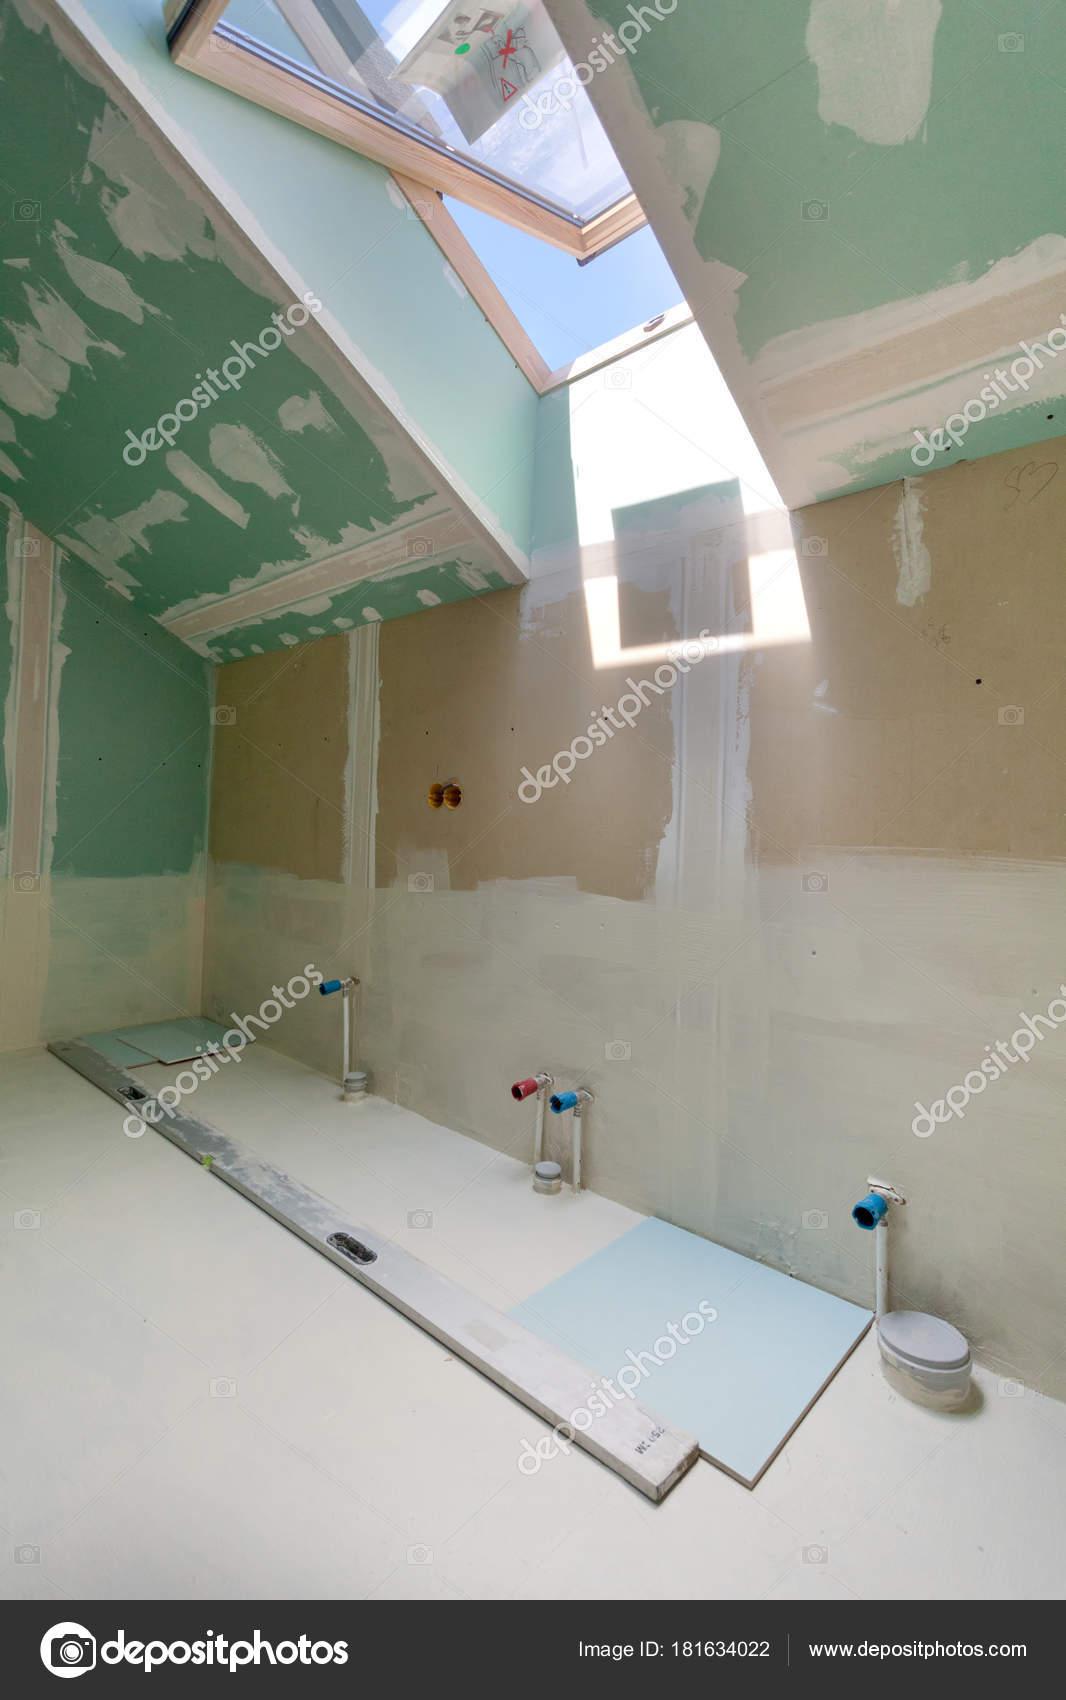 Ausbauarbeiten Renovierte Wohnung Installation Von Rohren Badezimmer ...